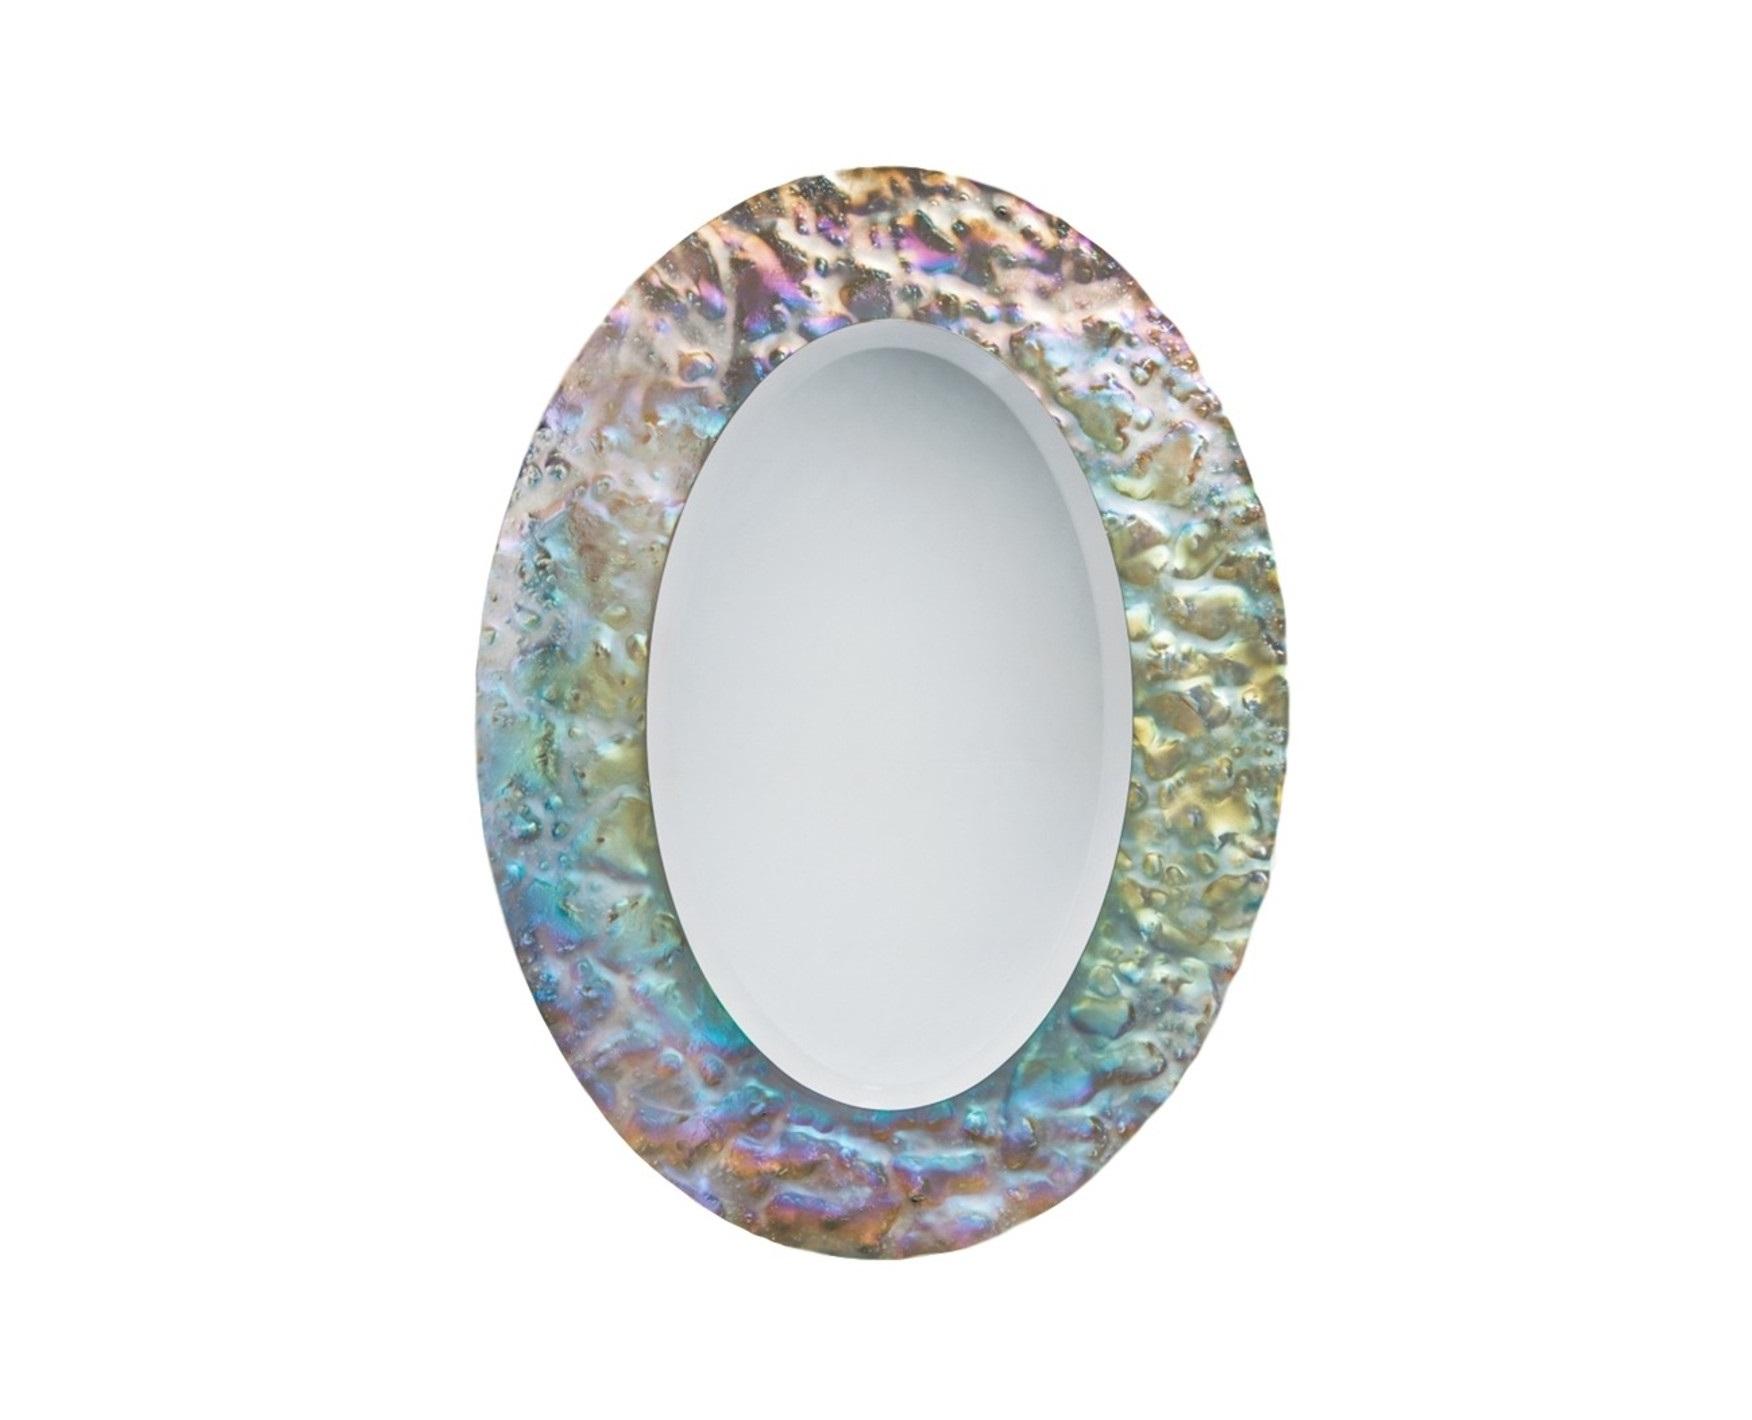 Зеркало Эллипс PearlНастенные зеркала<br>Застывшее мгновение вечности. Зеркало Эллипс так прекрасно, что перехватывает дух. Солнечные лучи, искусственное освещение – любой свет, попадающий на поверхность обрамления эллипса, создает неповторимую игру бликов. Настоящий танец света.  Обрамление зеркала имитирует поверхность жемчуга .&amp;amp;nbsp;<br><br>Material: Стекло<br>Width см: 74.5<br>Depth см: 5<br>Height см: 104.5